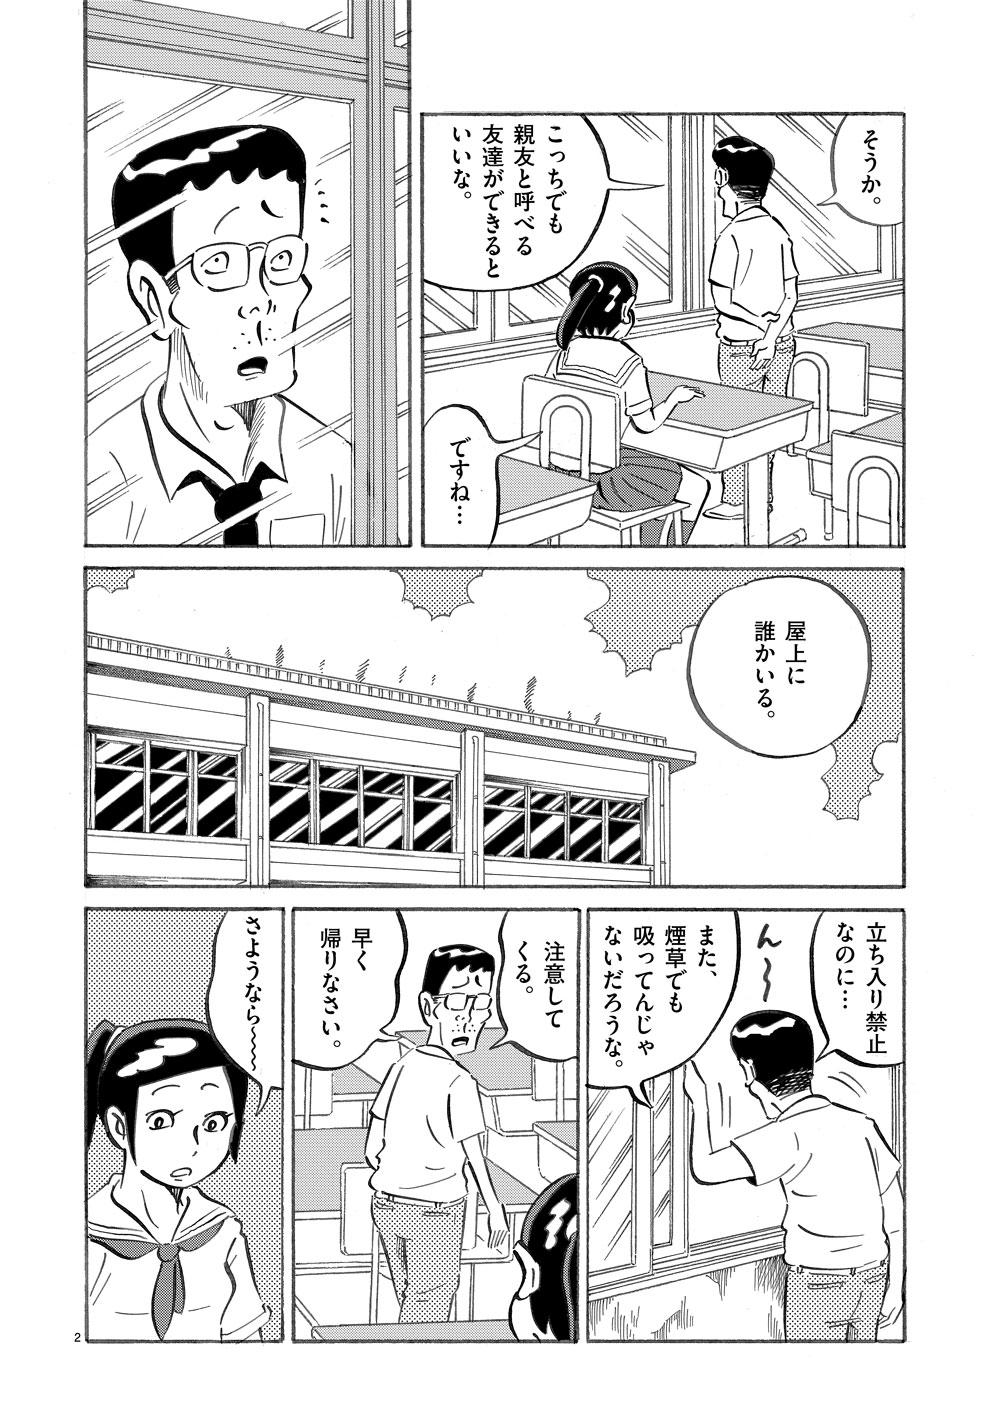 琉球怪談 【第11話】WEB掲載2ページ目画像